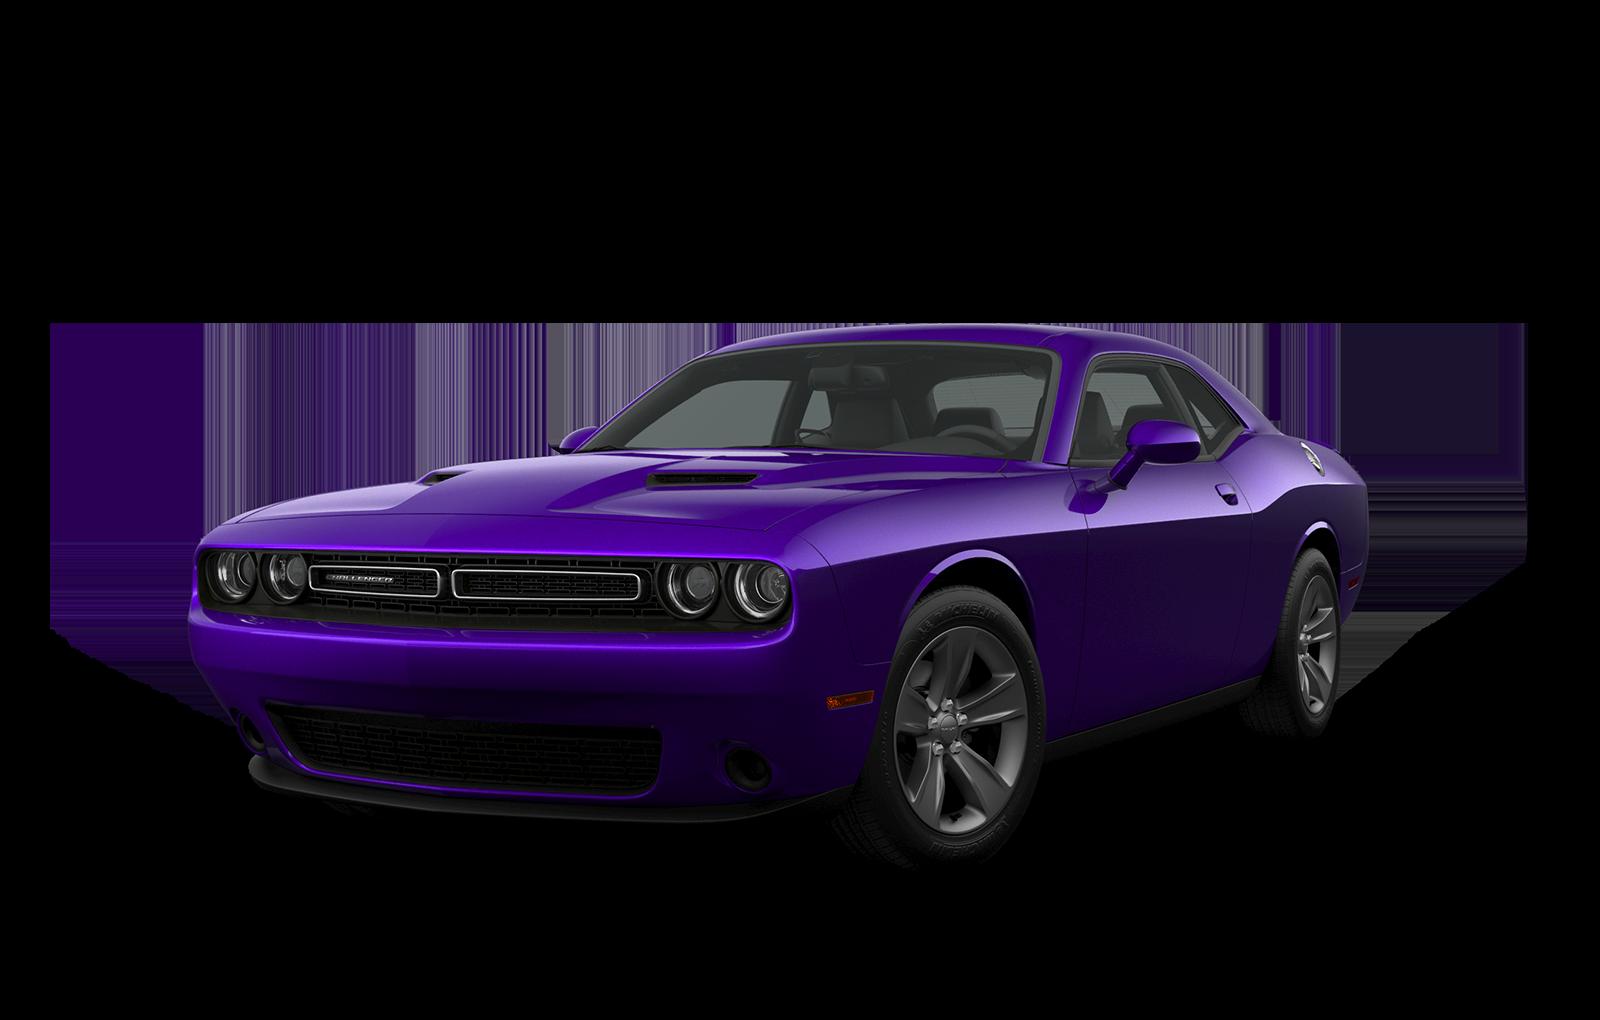 Hyundai Challenger 2019 Violet prune